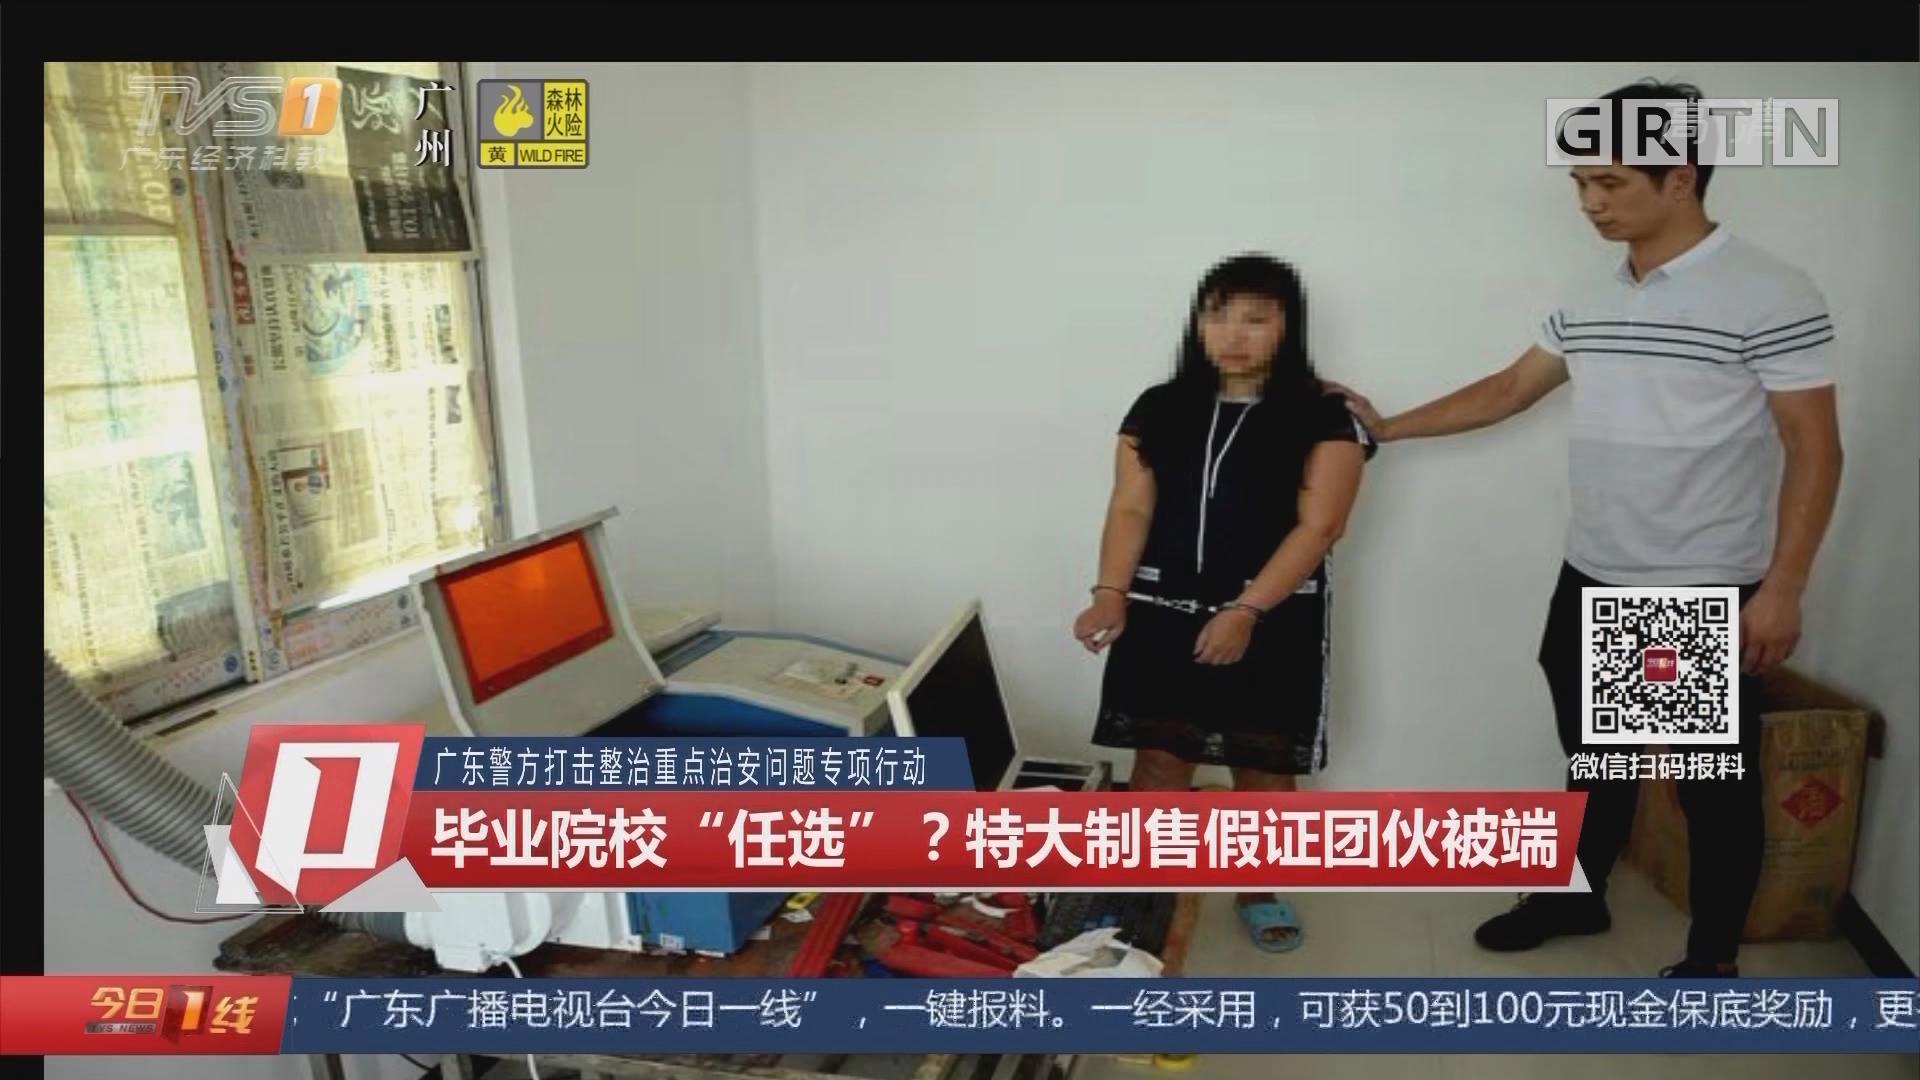 """广东警方打击整治重点治安问题专项行动:毕业院校""""任选""""?特大制售假证团伙被端"""